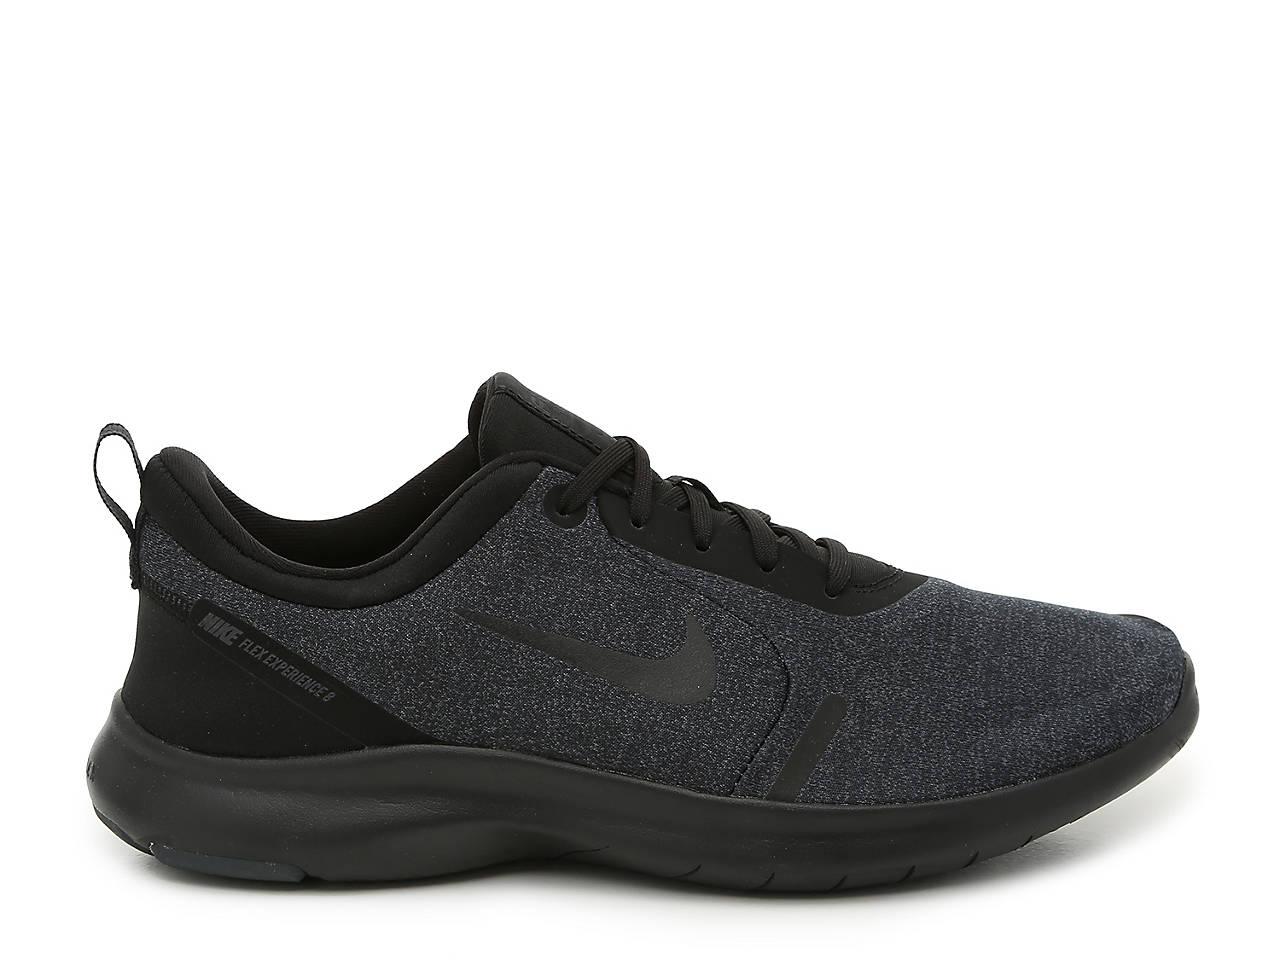 18d5d81e047e Nike Flex Experience RN 8 Lightweight Running Shoe - Men s Men s ...